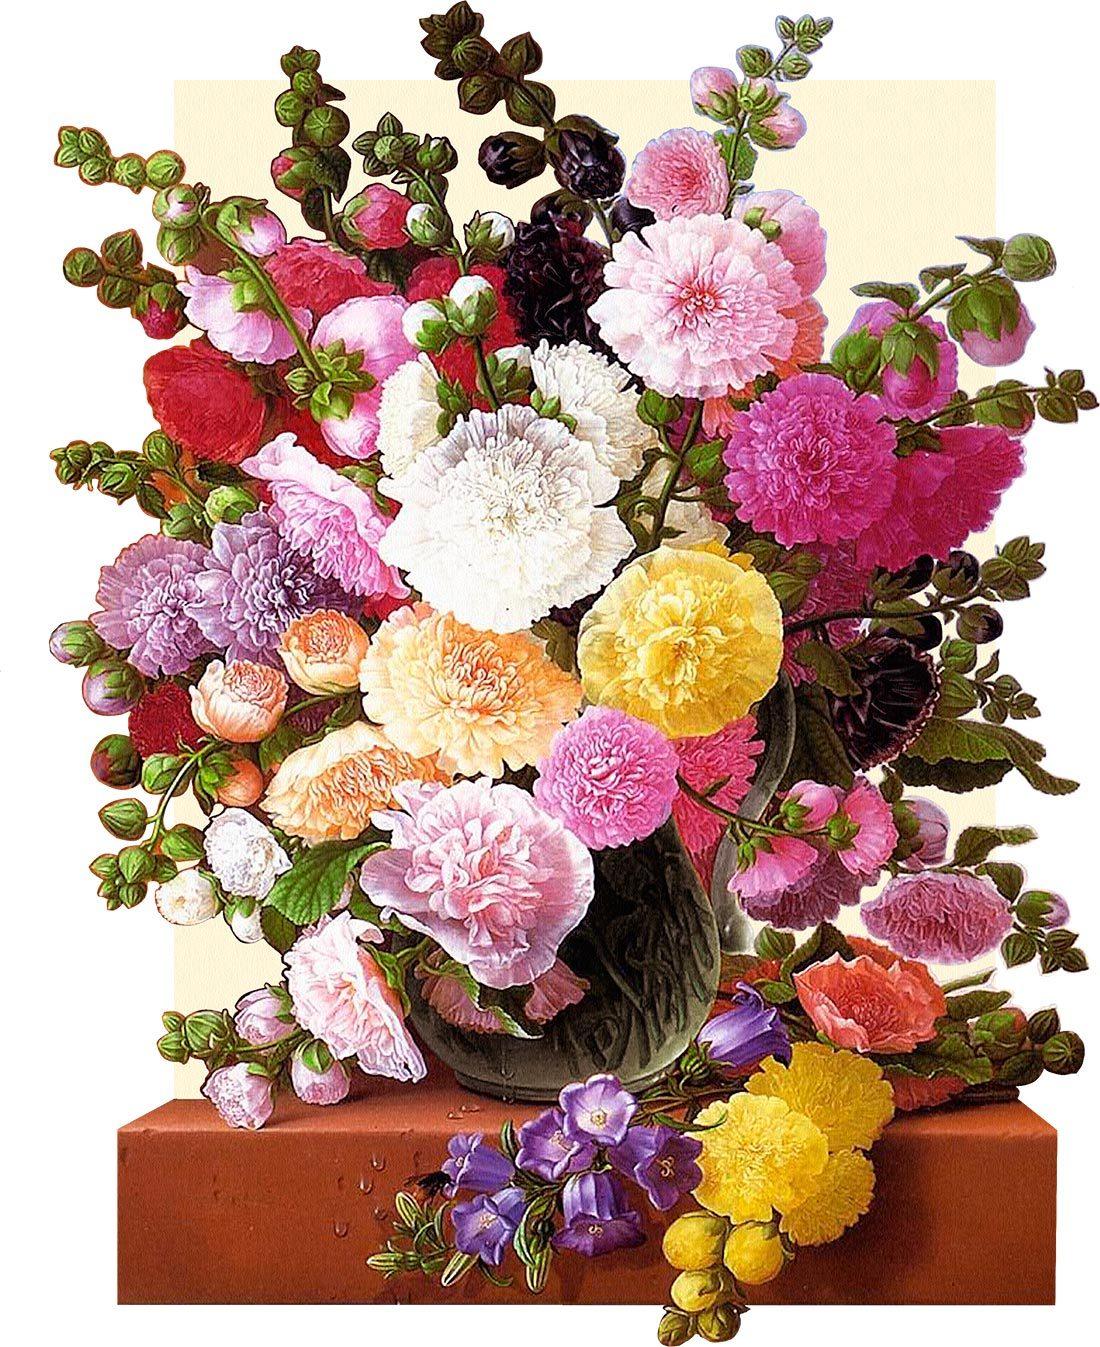 Папертоль Цветы у окна — главное фото сюжета.